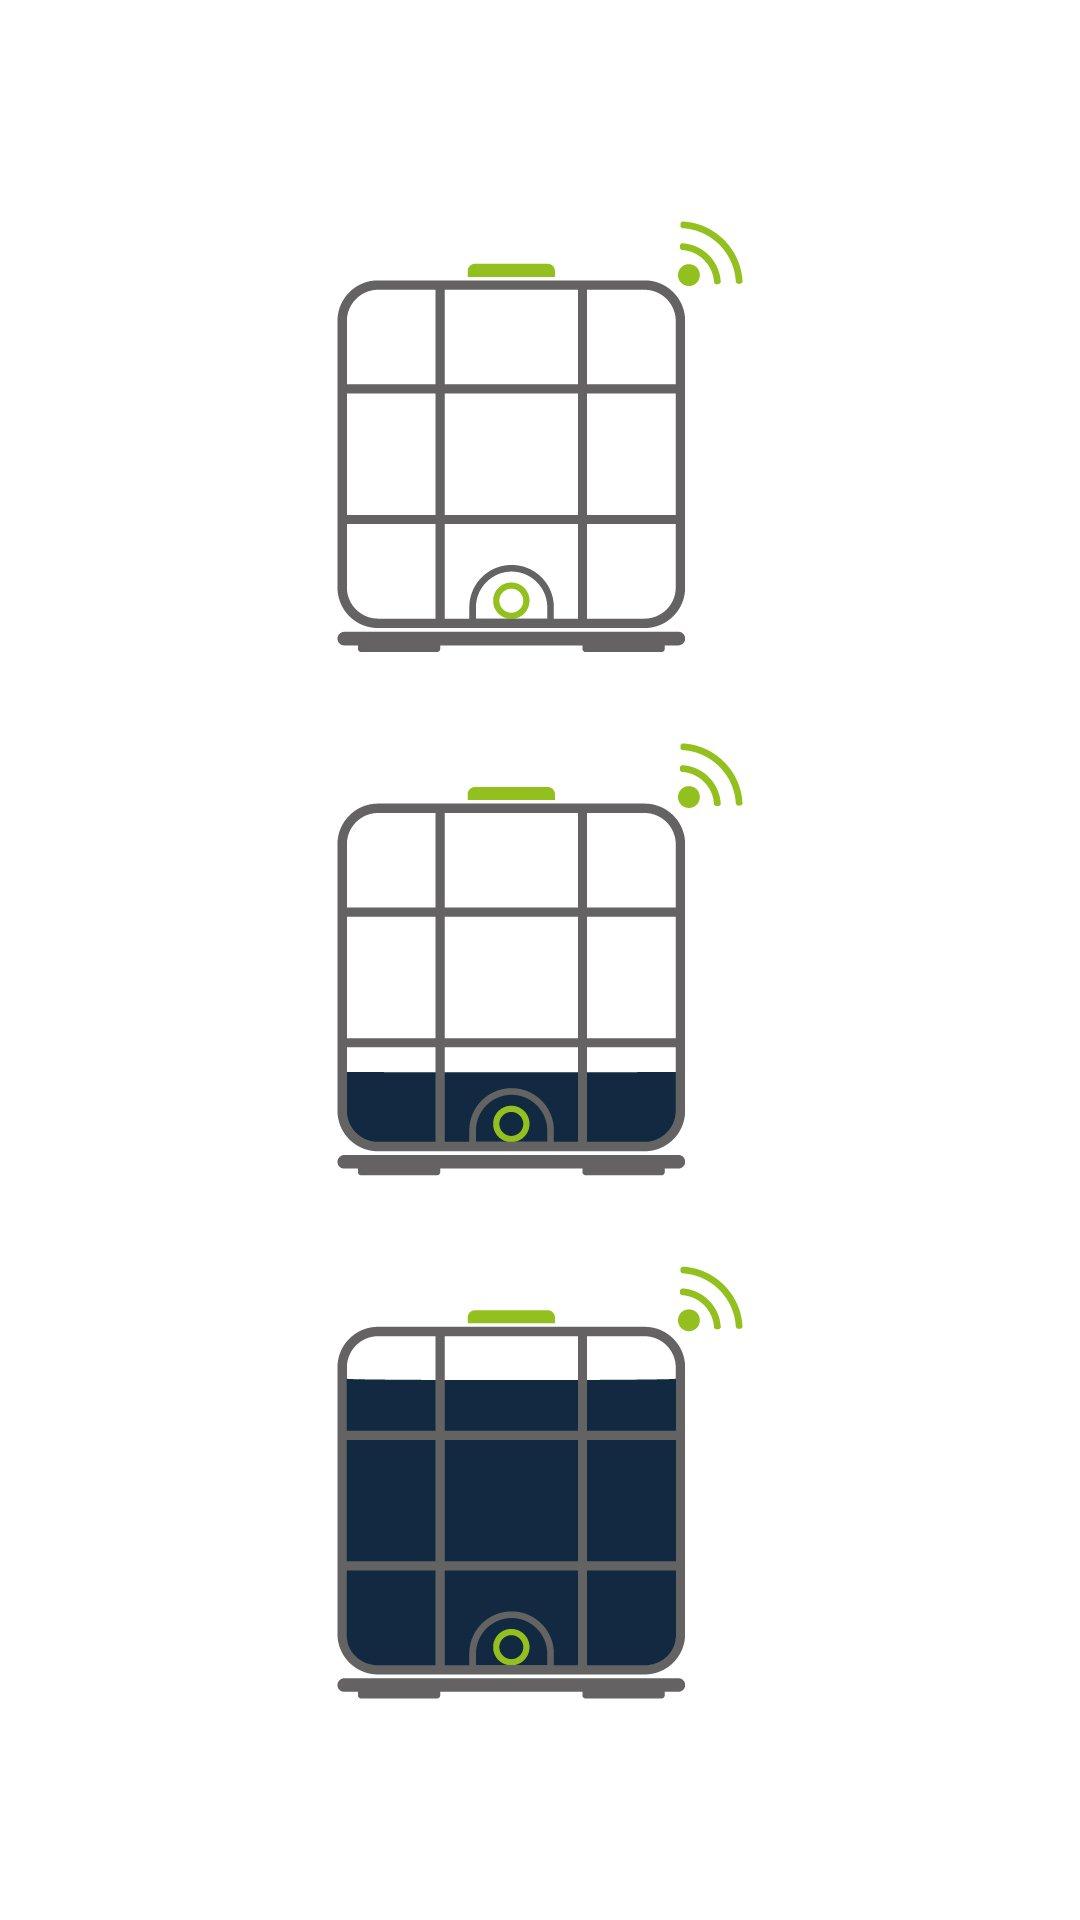 TRI_IBC-Container-Grafik_Infografik_Zeichenfläche 1 Kopie 2